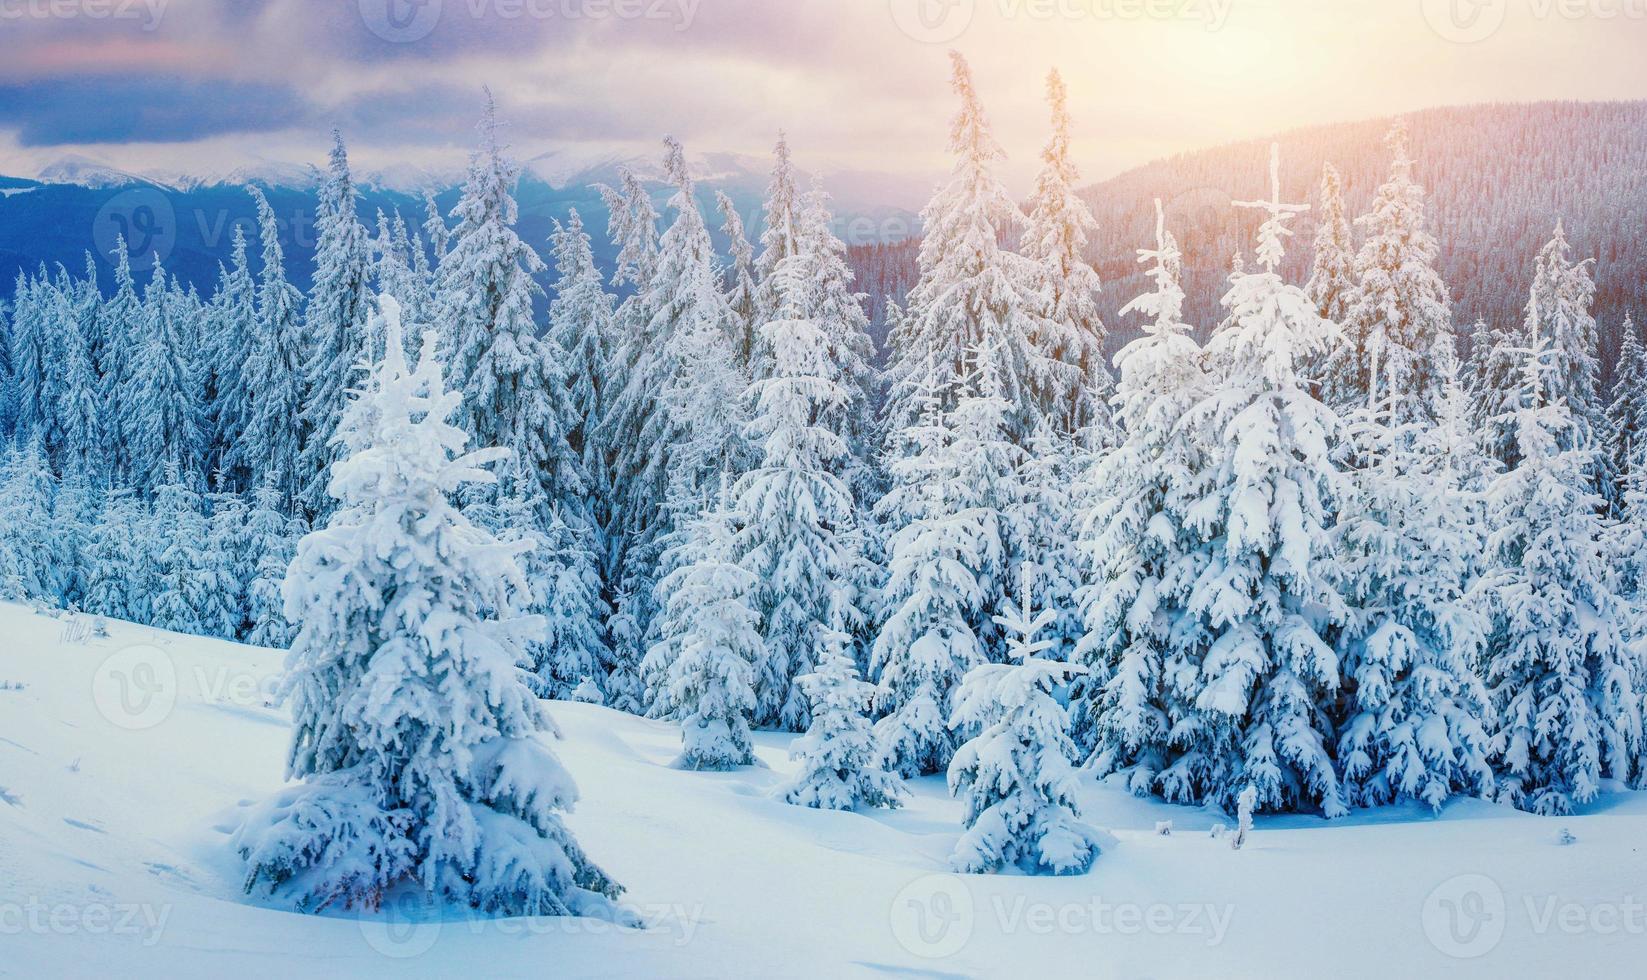 Winterlandschaft im Sonnenlicht. dramatische winterliche Szene. Wagen foto